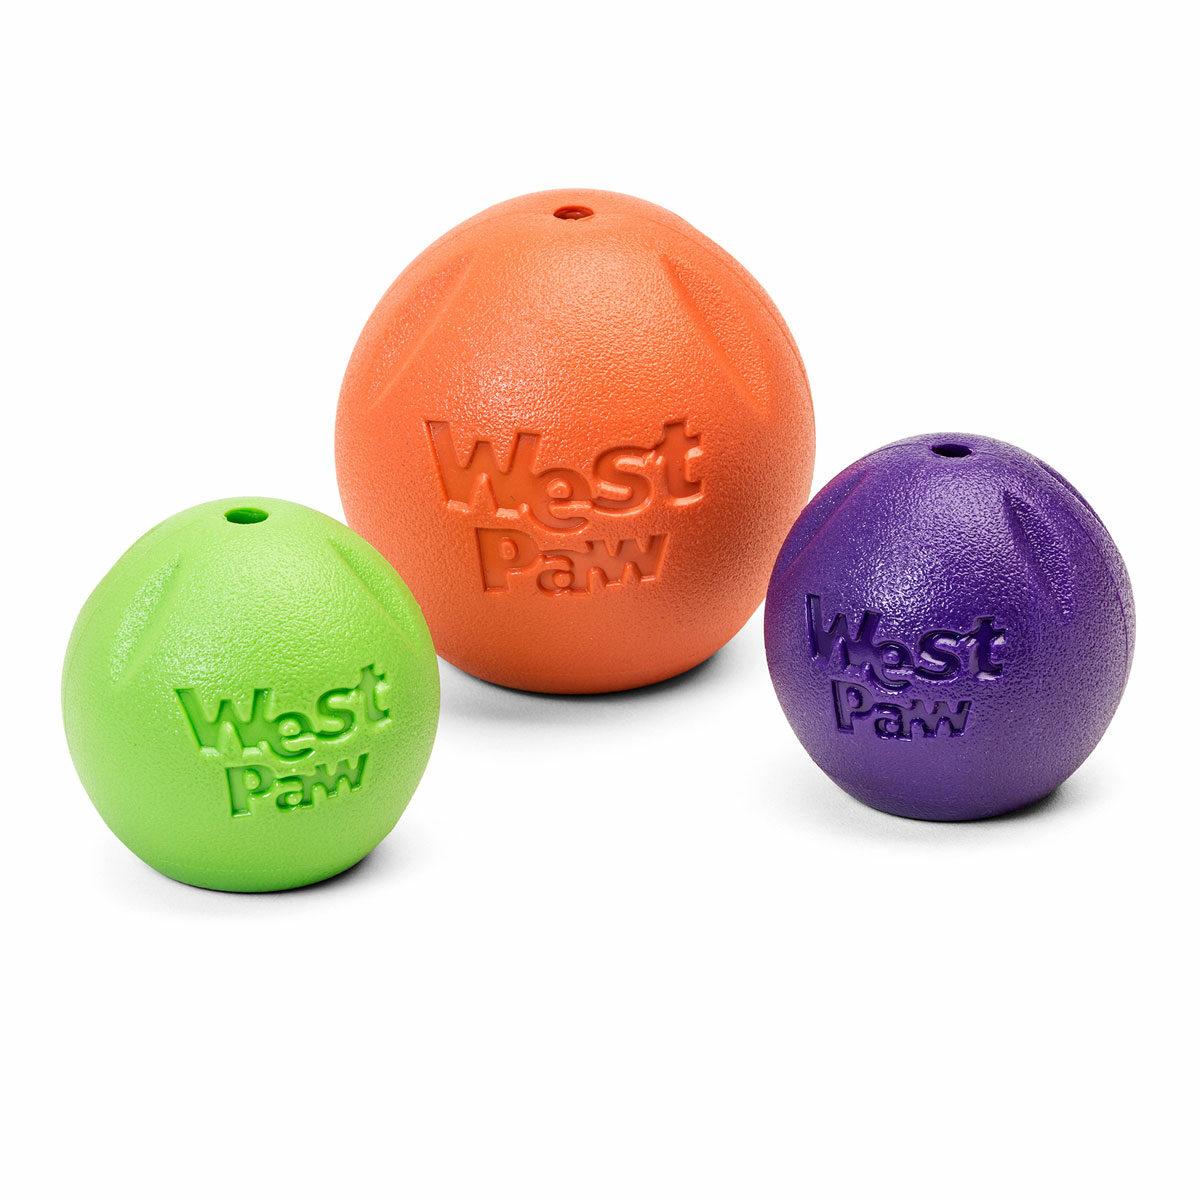 West Paw Zogoflex Echo Rando Dog Toy (Group)